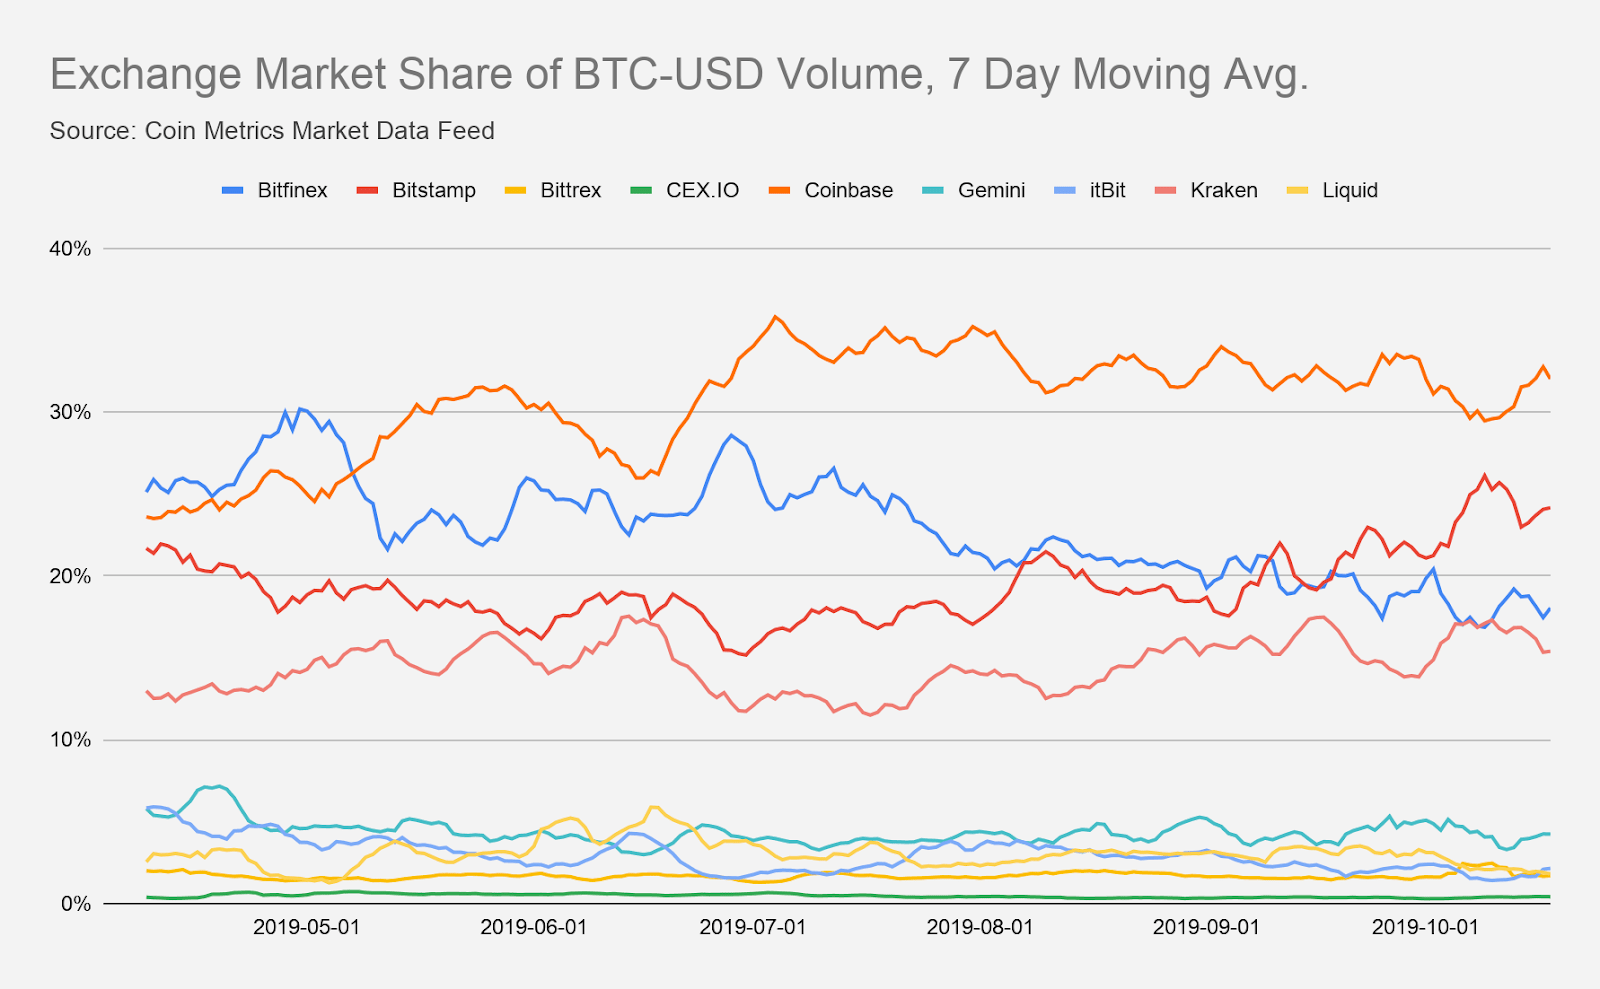 Исследование: Доля Bitfinex на рынке снижается, Bitstamp набирает обороты